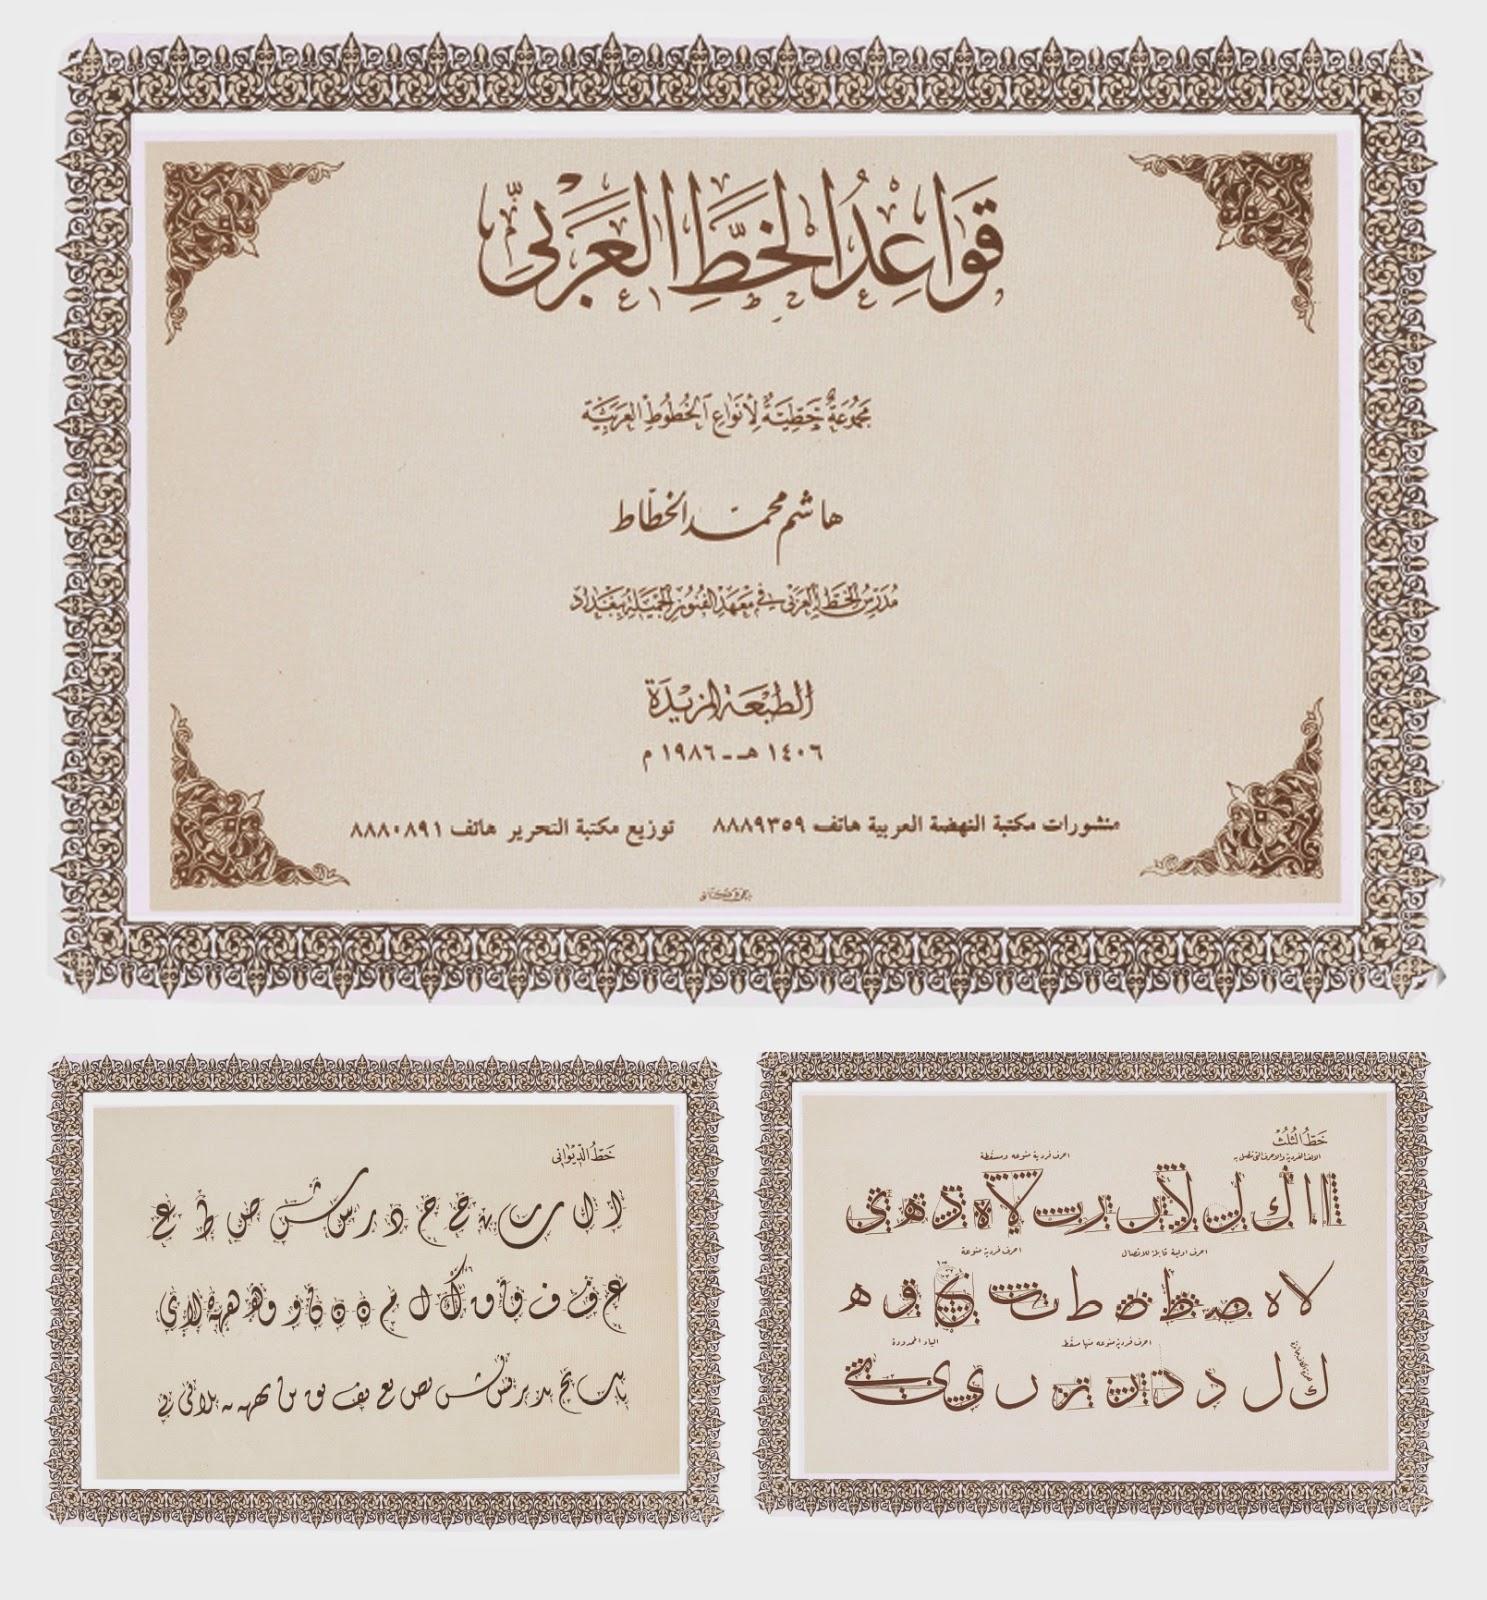 قواعد الخط العربي لهاشم البغدادي